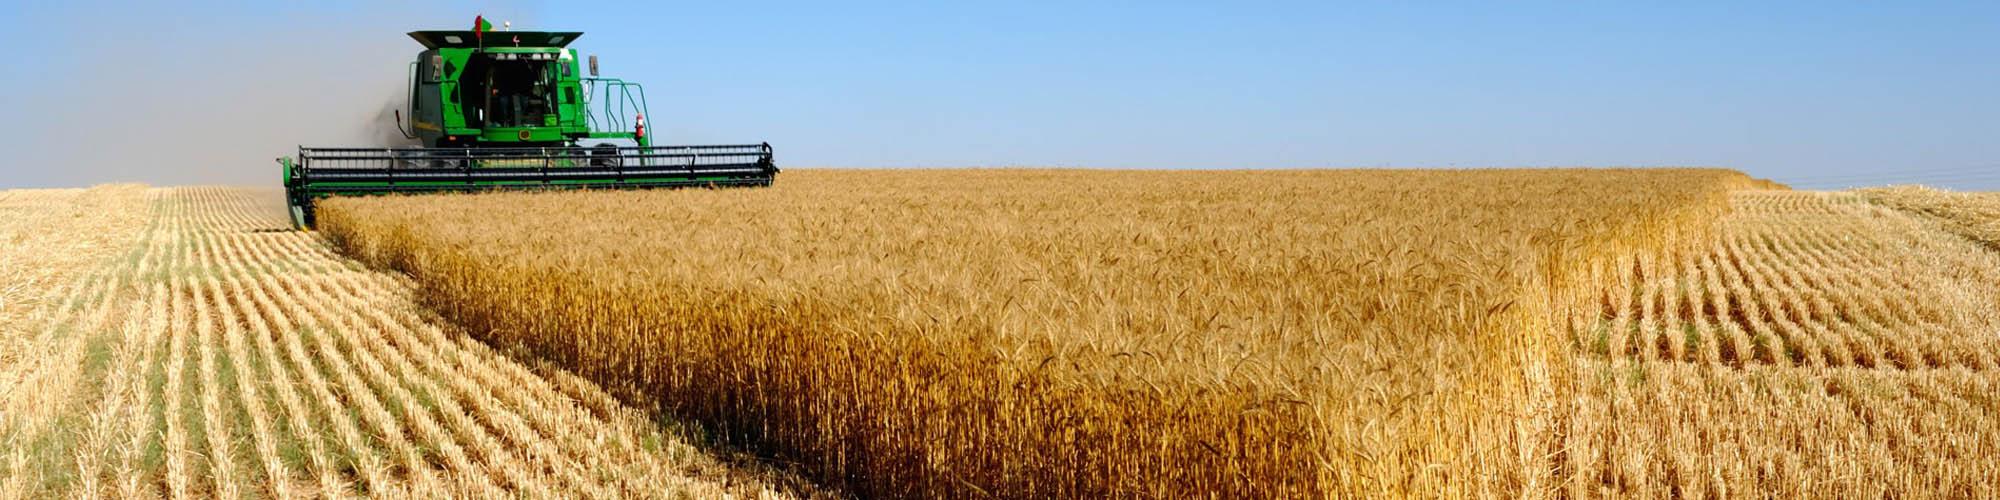 Agricoltura ed orto: prodotti, articoli,attrezzi, attrezzature e soluzioni.